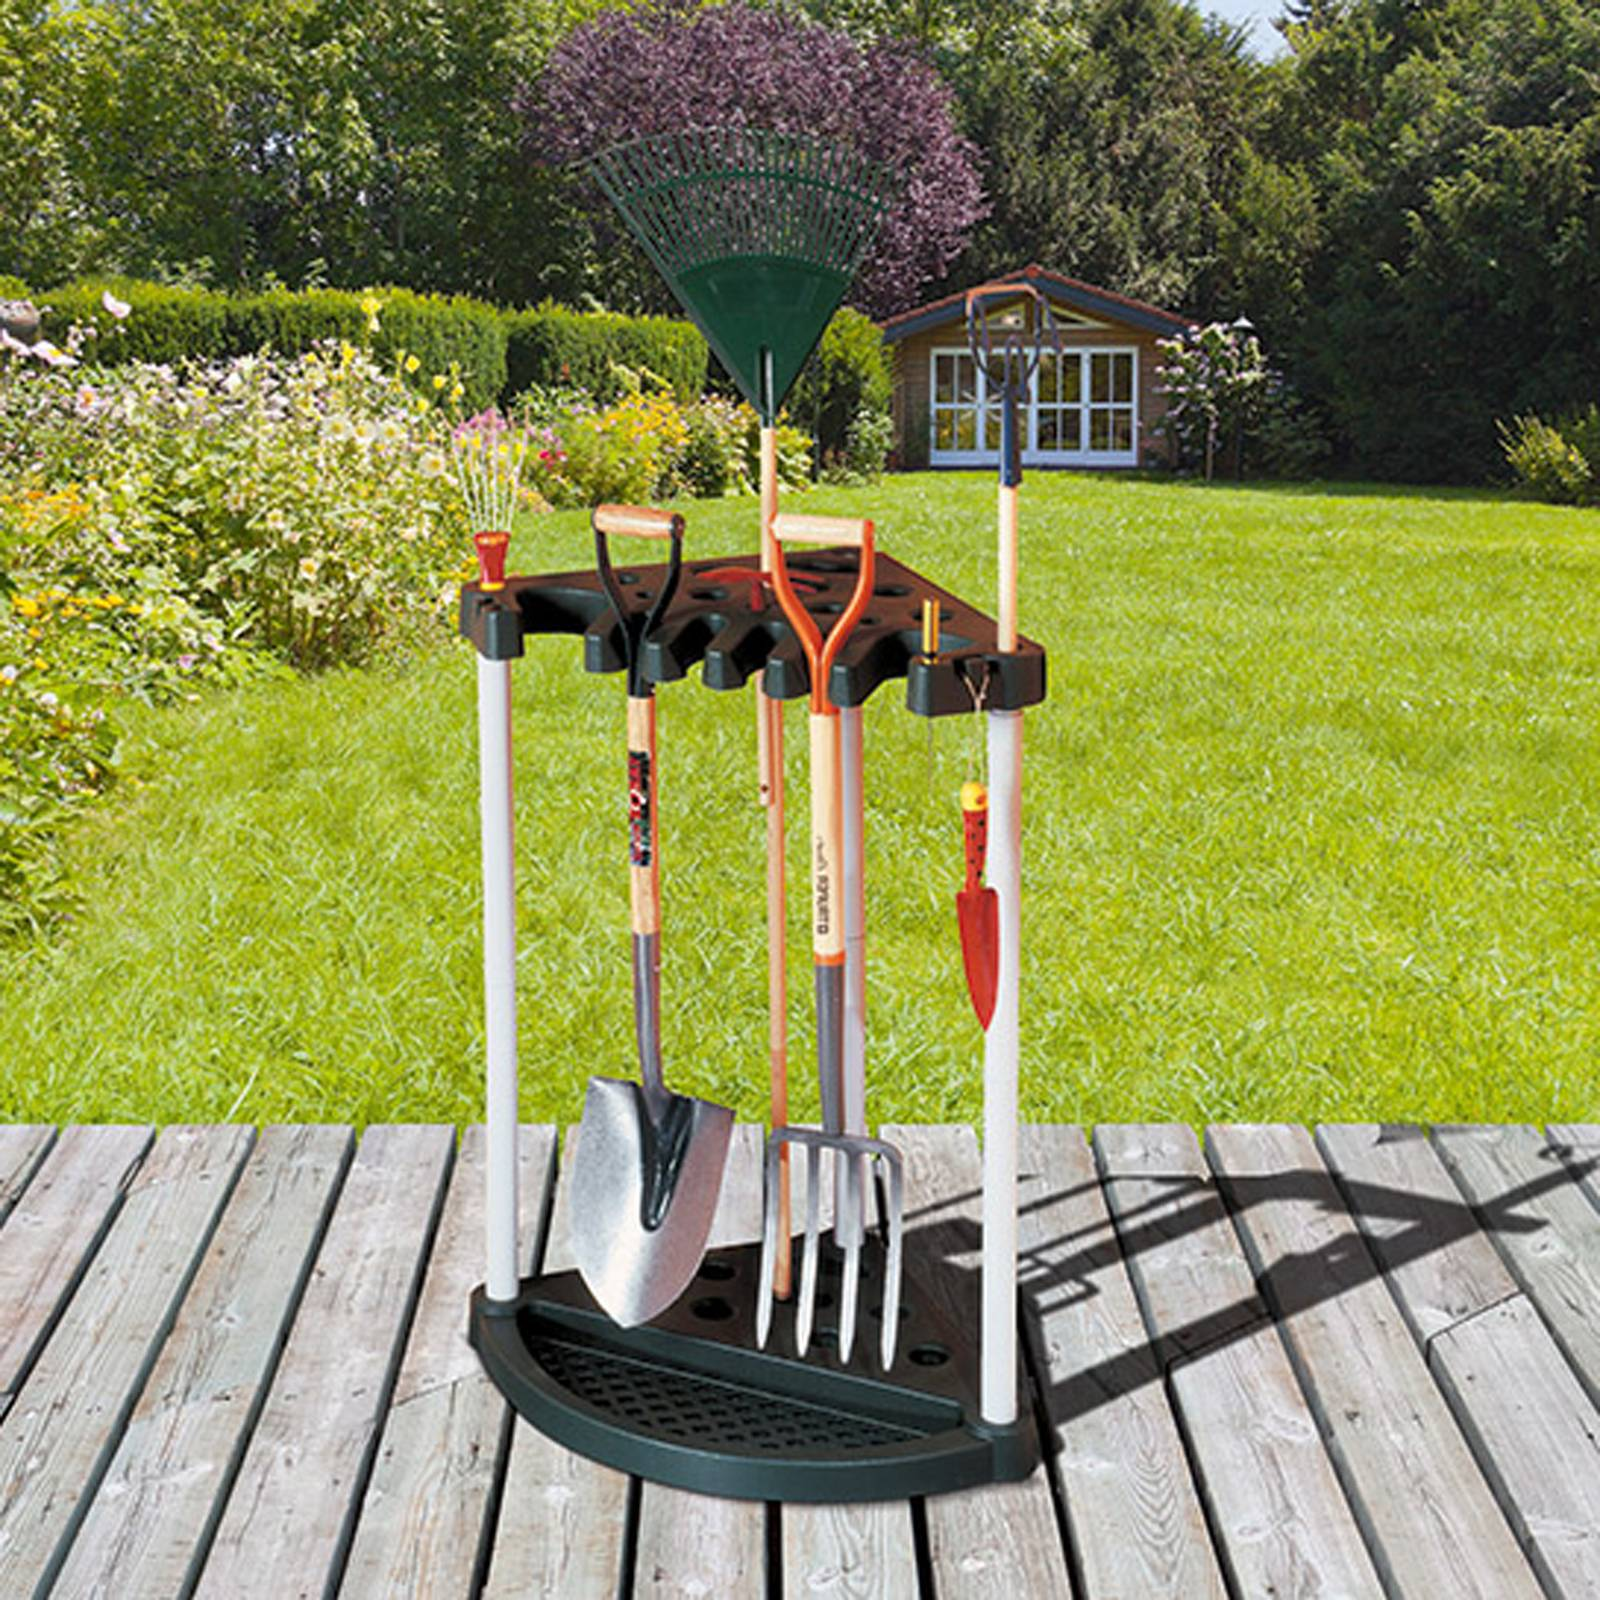 Stojak na narzędzia ogrodowe 56,5 x 88,5 cm Corner Tool Rack czarny KETER